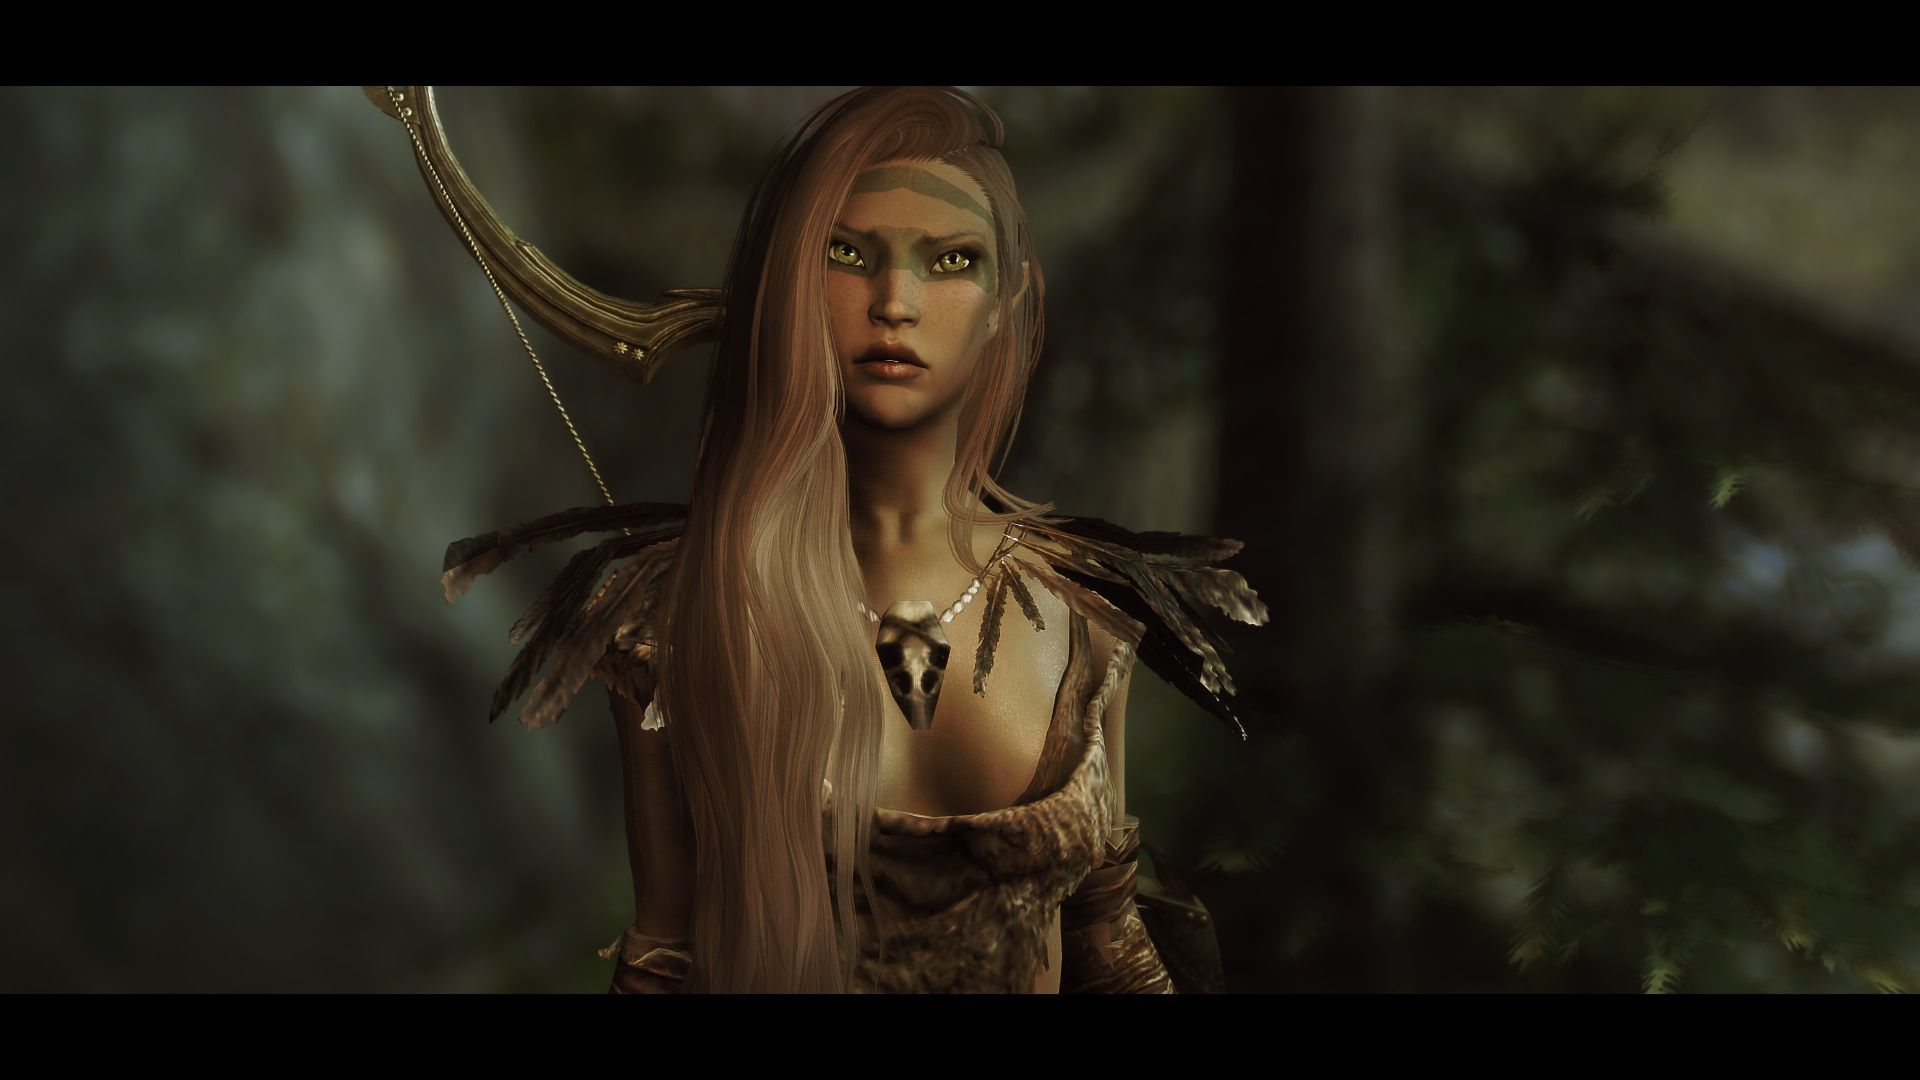 Skyrim Wood Elf Wallpapers - Top Free Skyrim Wood Elf